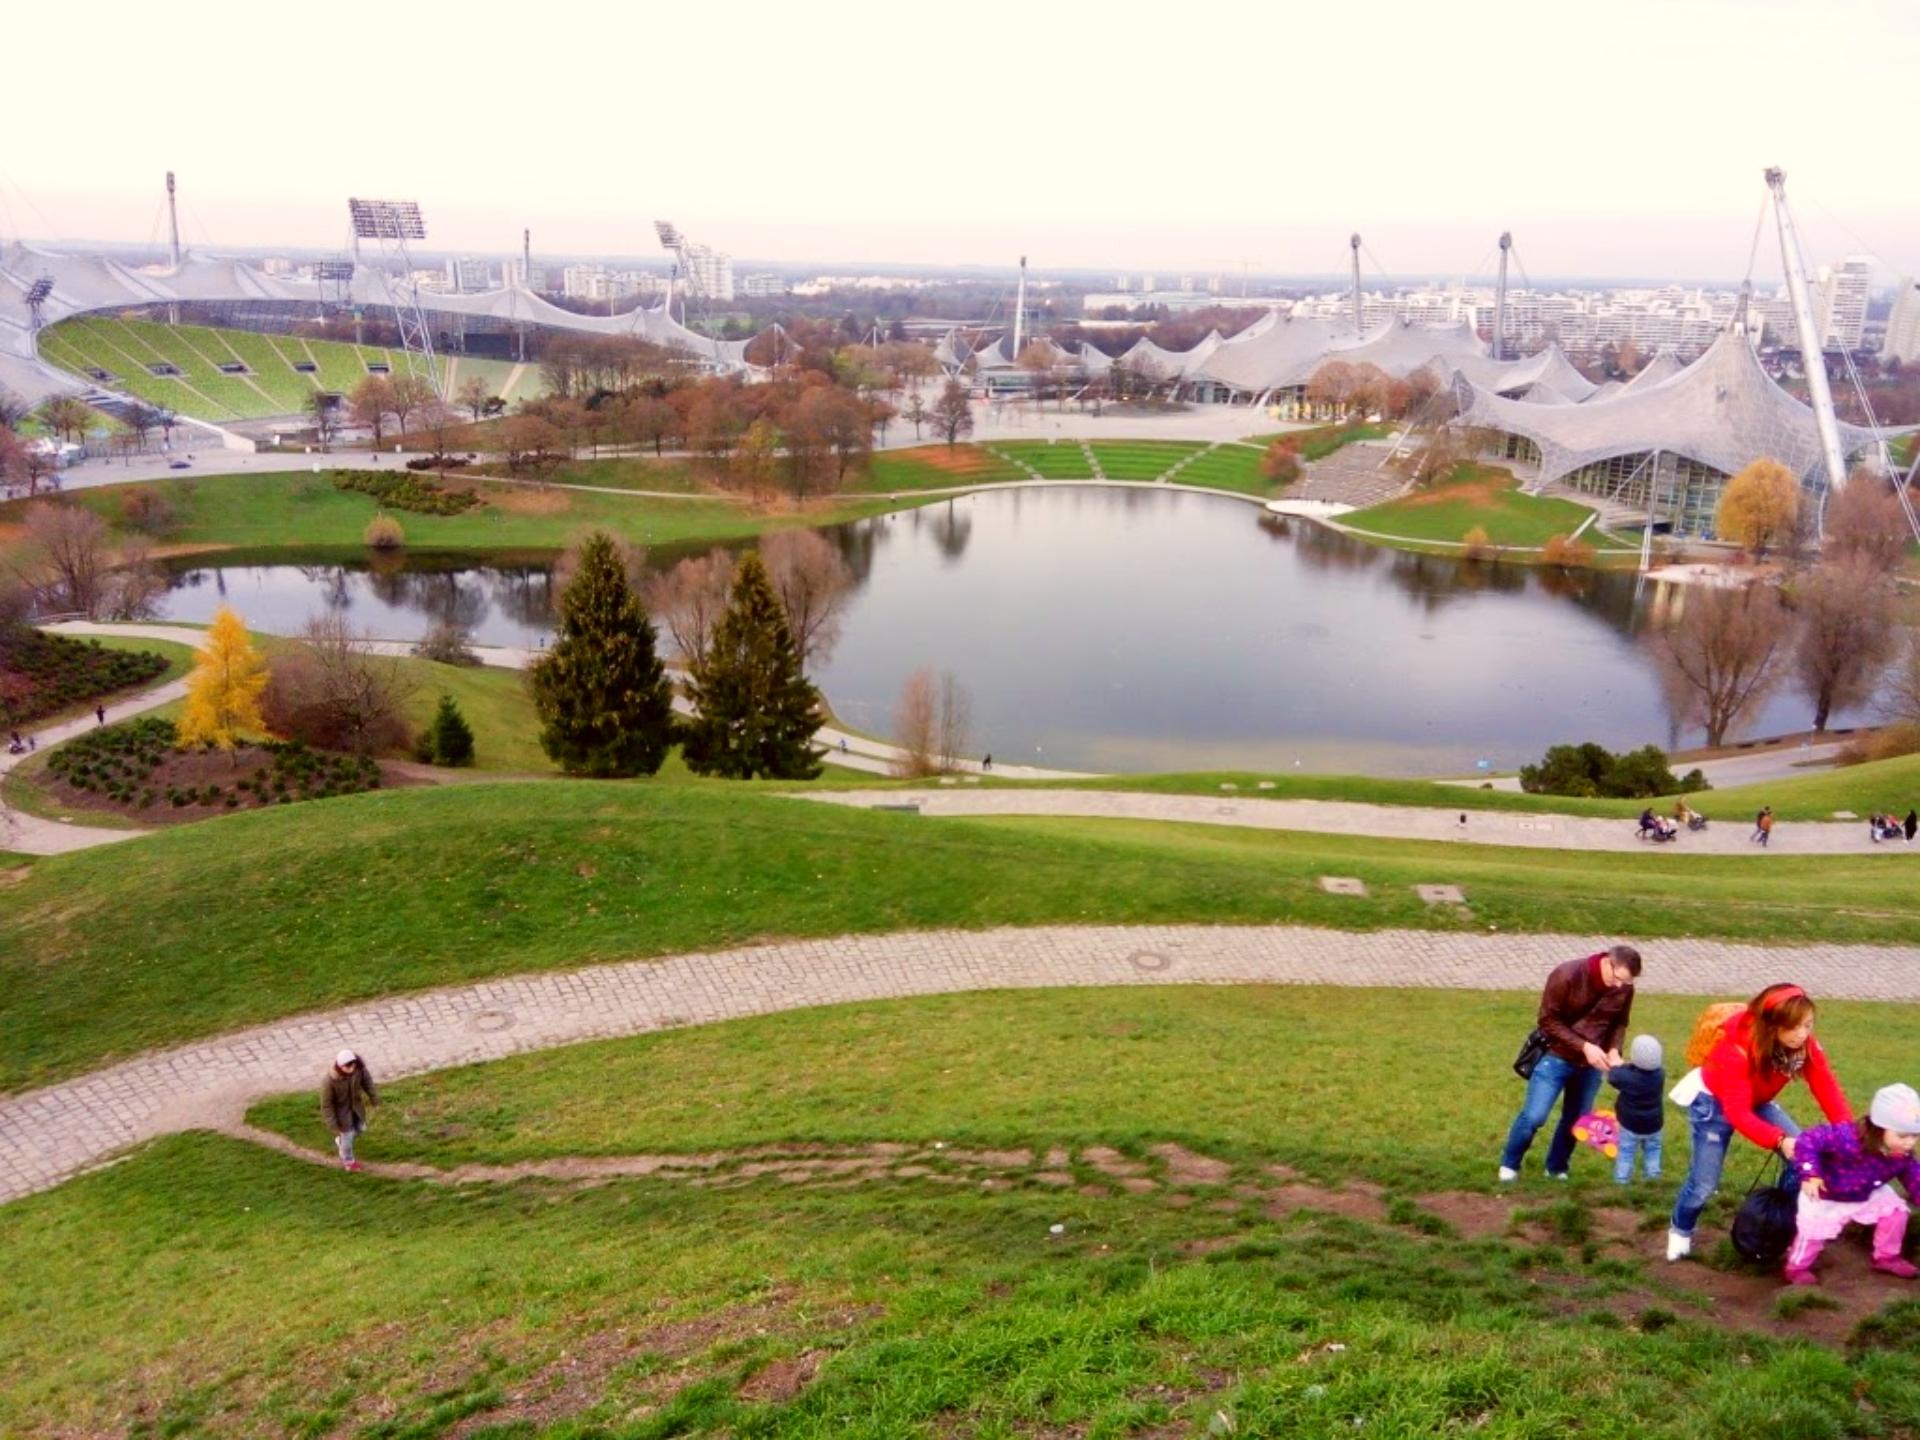 Vista de cima de uma das colinas do Parque Olímpico de Munique, com o estádio à direita. Foto: Carolina Werneck/Gazeta do Povo